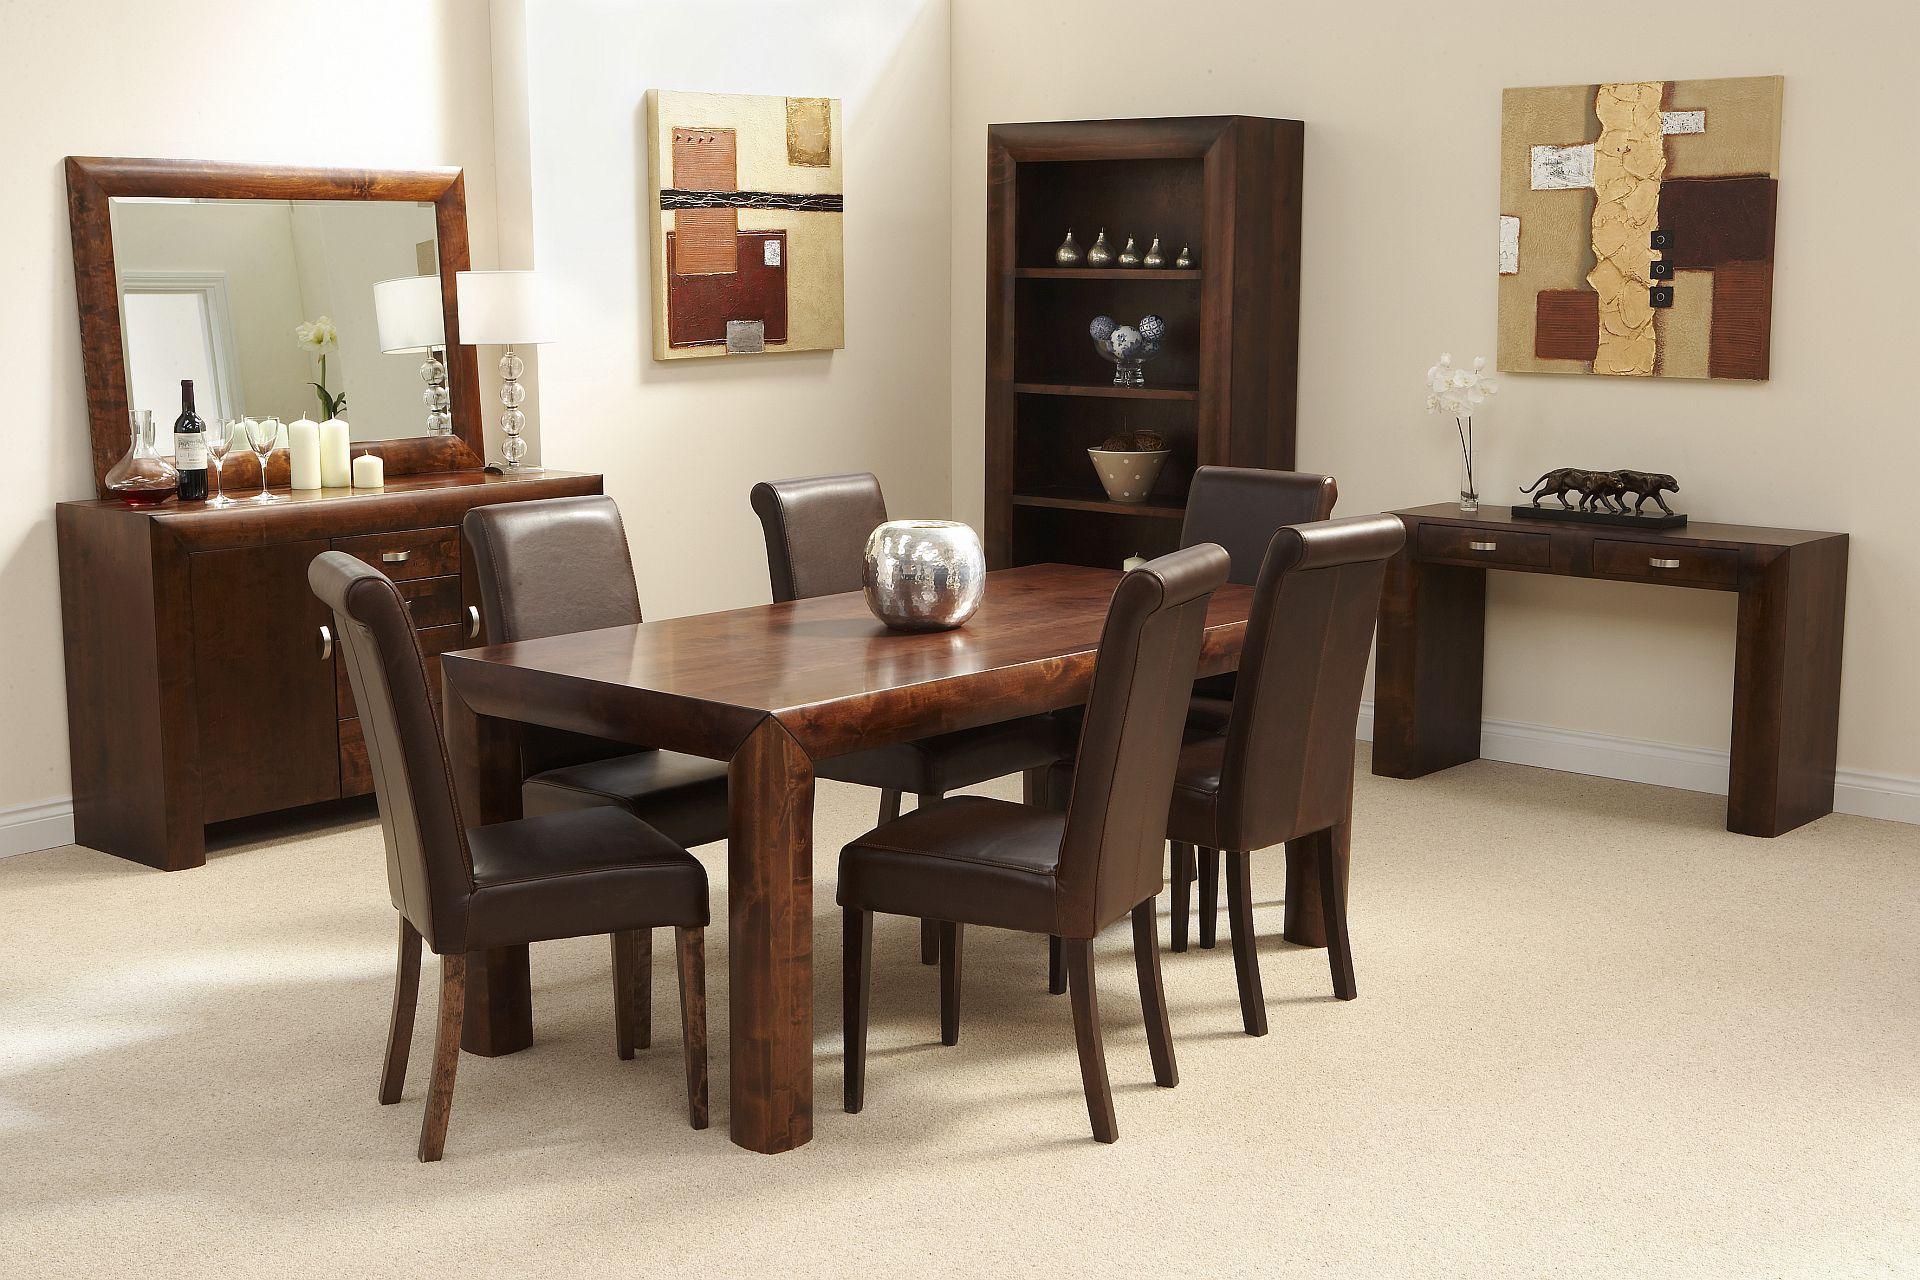 мебель из дерева натуральная